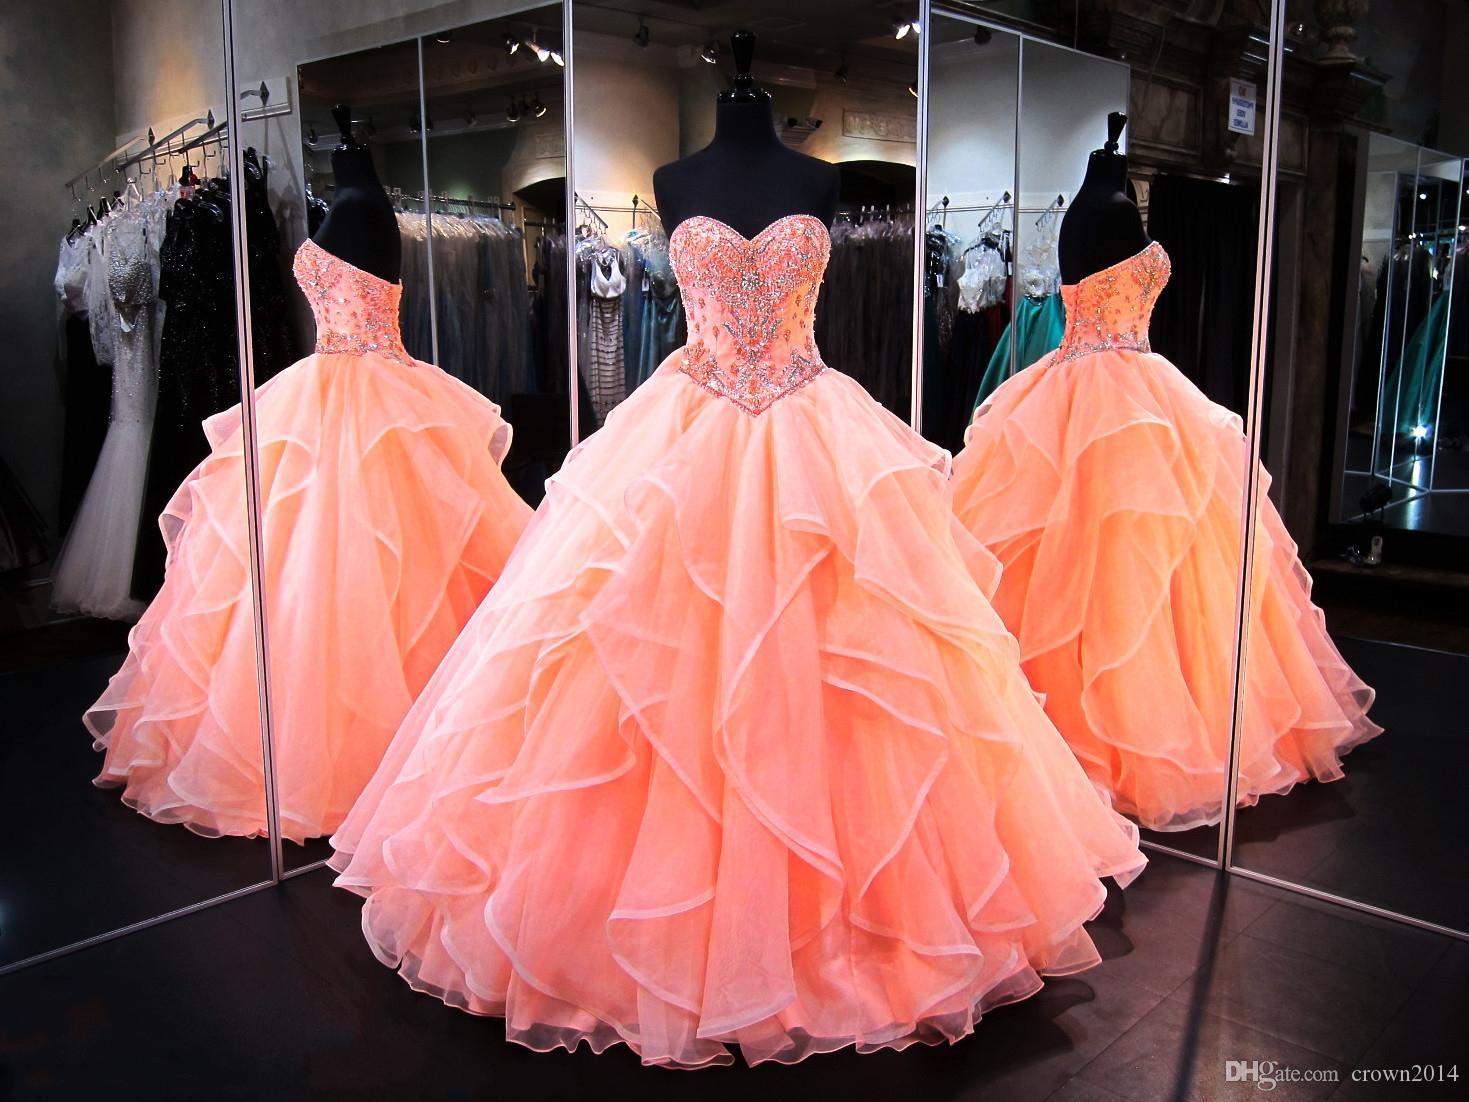 2021 abiti da barra di corallo abito Quinceanera Dress Sweetheart Masquerade Ball Gowns Crystal Beaded Corset Organza Ruffles Long Prom Gown Dolce 16 Abito